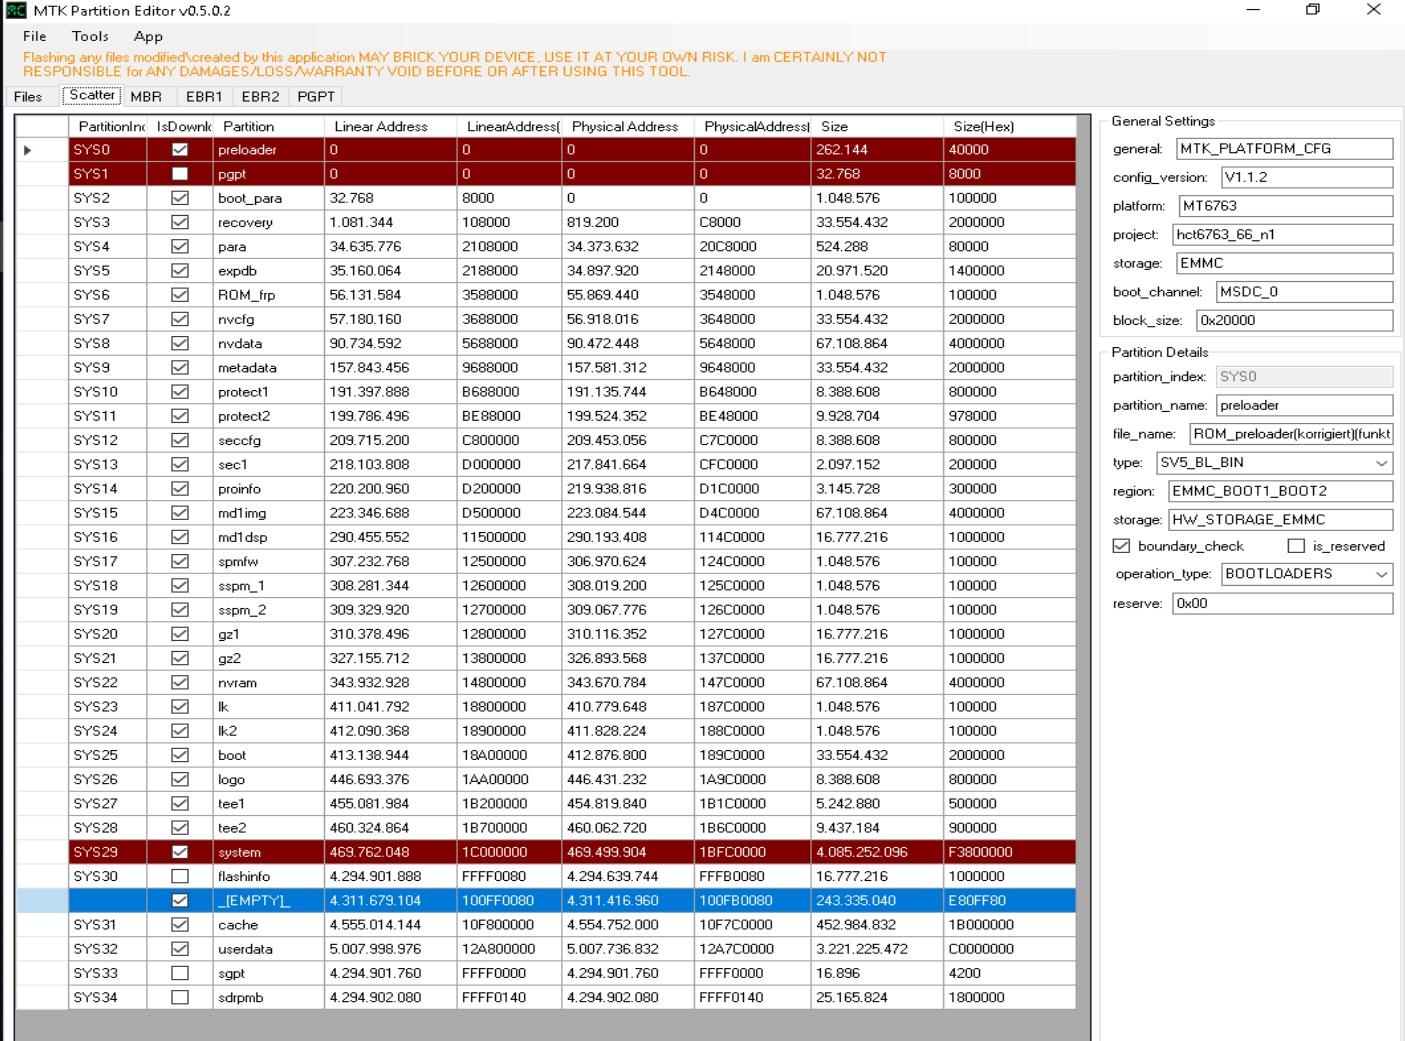 Power3S.MTKPartitionEditor.Partitionen Scatter angezeigt.jpg